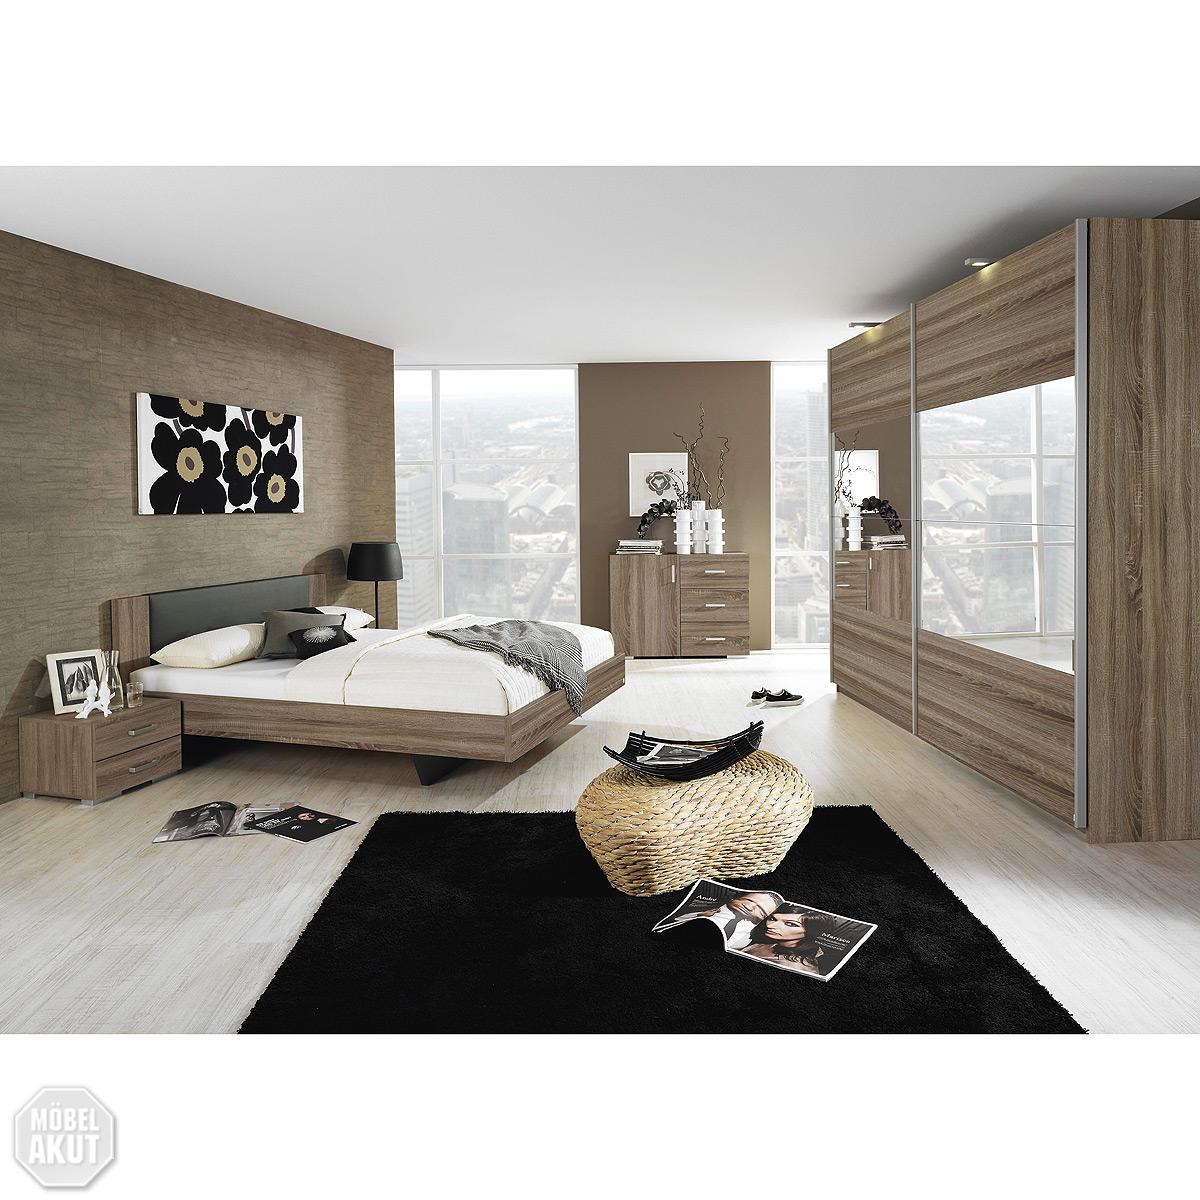 schlafzimmer set sonea bett schrank kommode eiche havanna. Black Bedroom Furniture Sets. Home Design Ideas